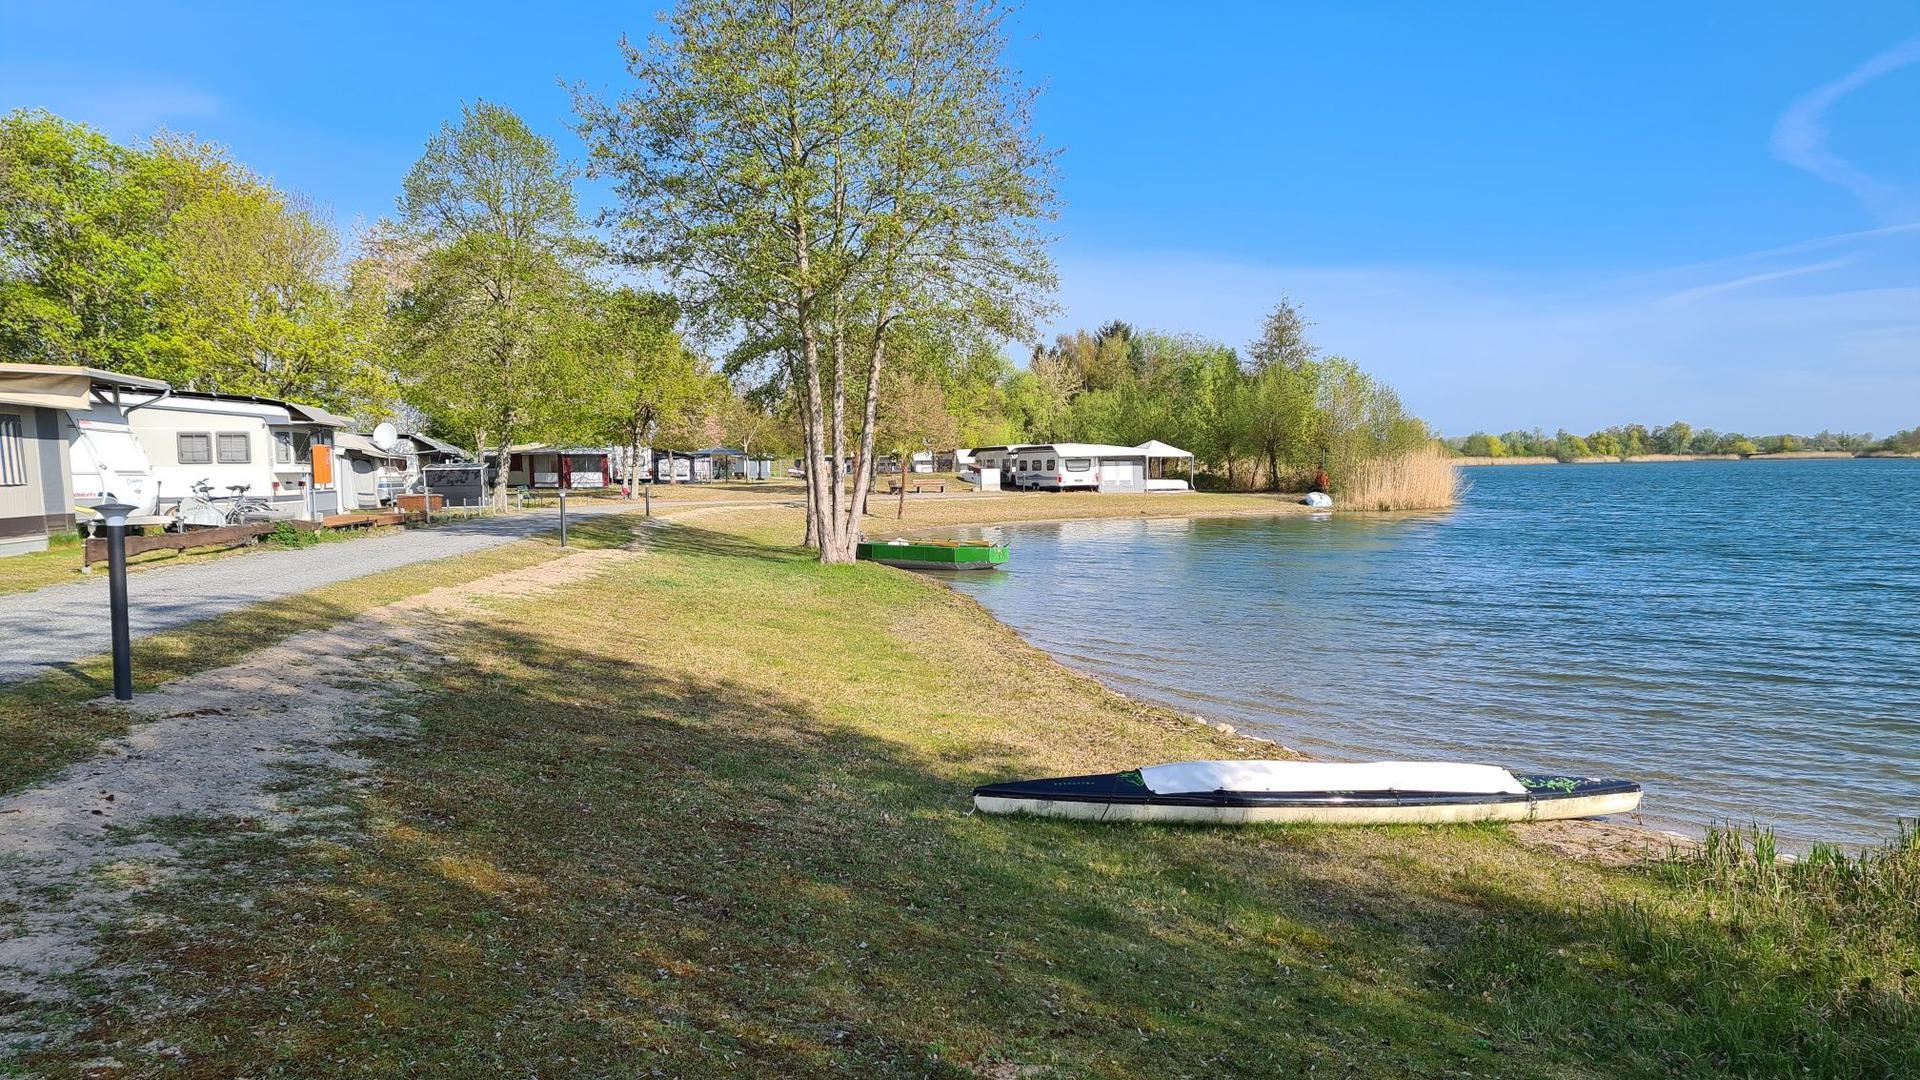 Campingplatz mit Wohnwagen und Sandstrand am Erlichsee in Oberhausen-Rheinhausen.